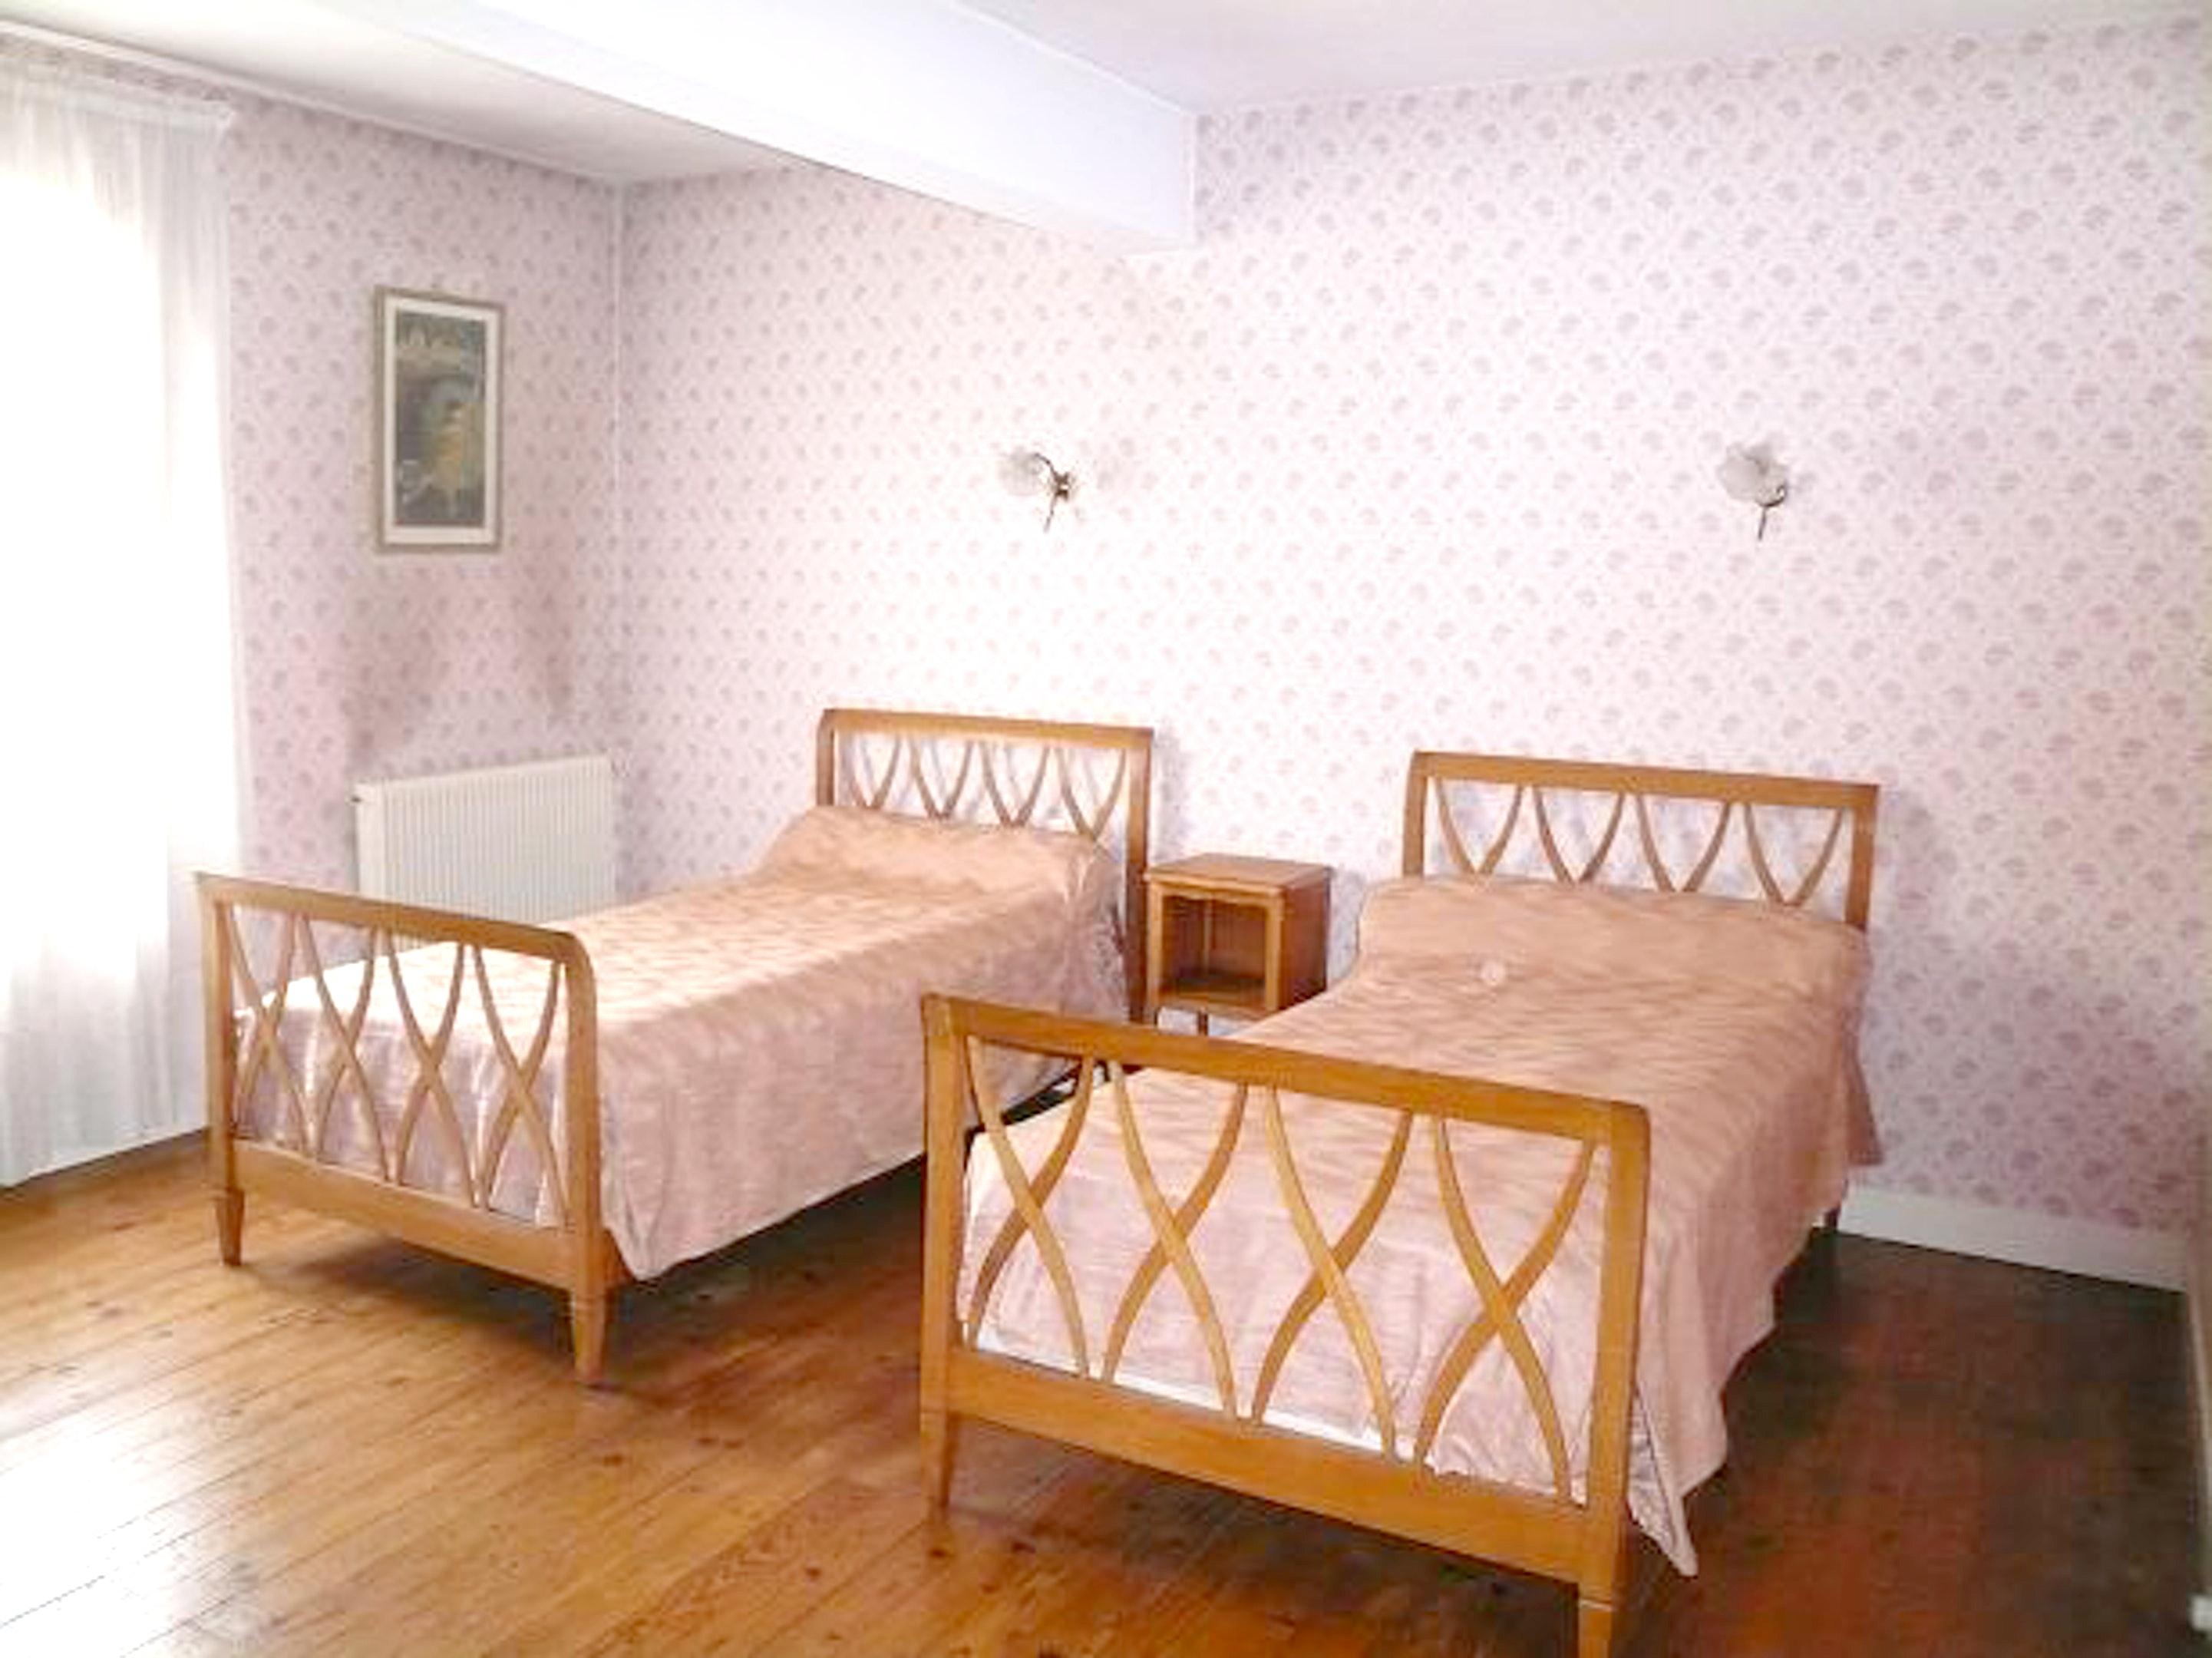 Maison de vacances Haus mit 4 Schlafzimmern in Castillon-la-Bataille mit eingezäuntem Garten und W-LAN - 85 k (2271453), Castillon la Bataille, Gironde, Aquitaine, France, image 7